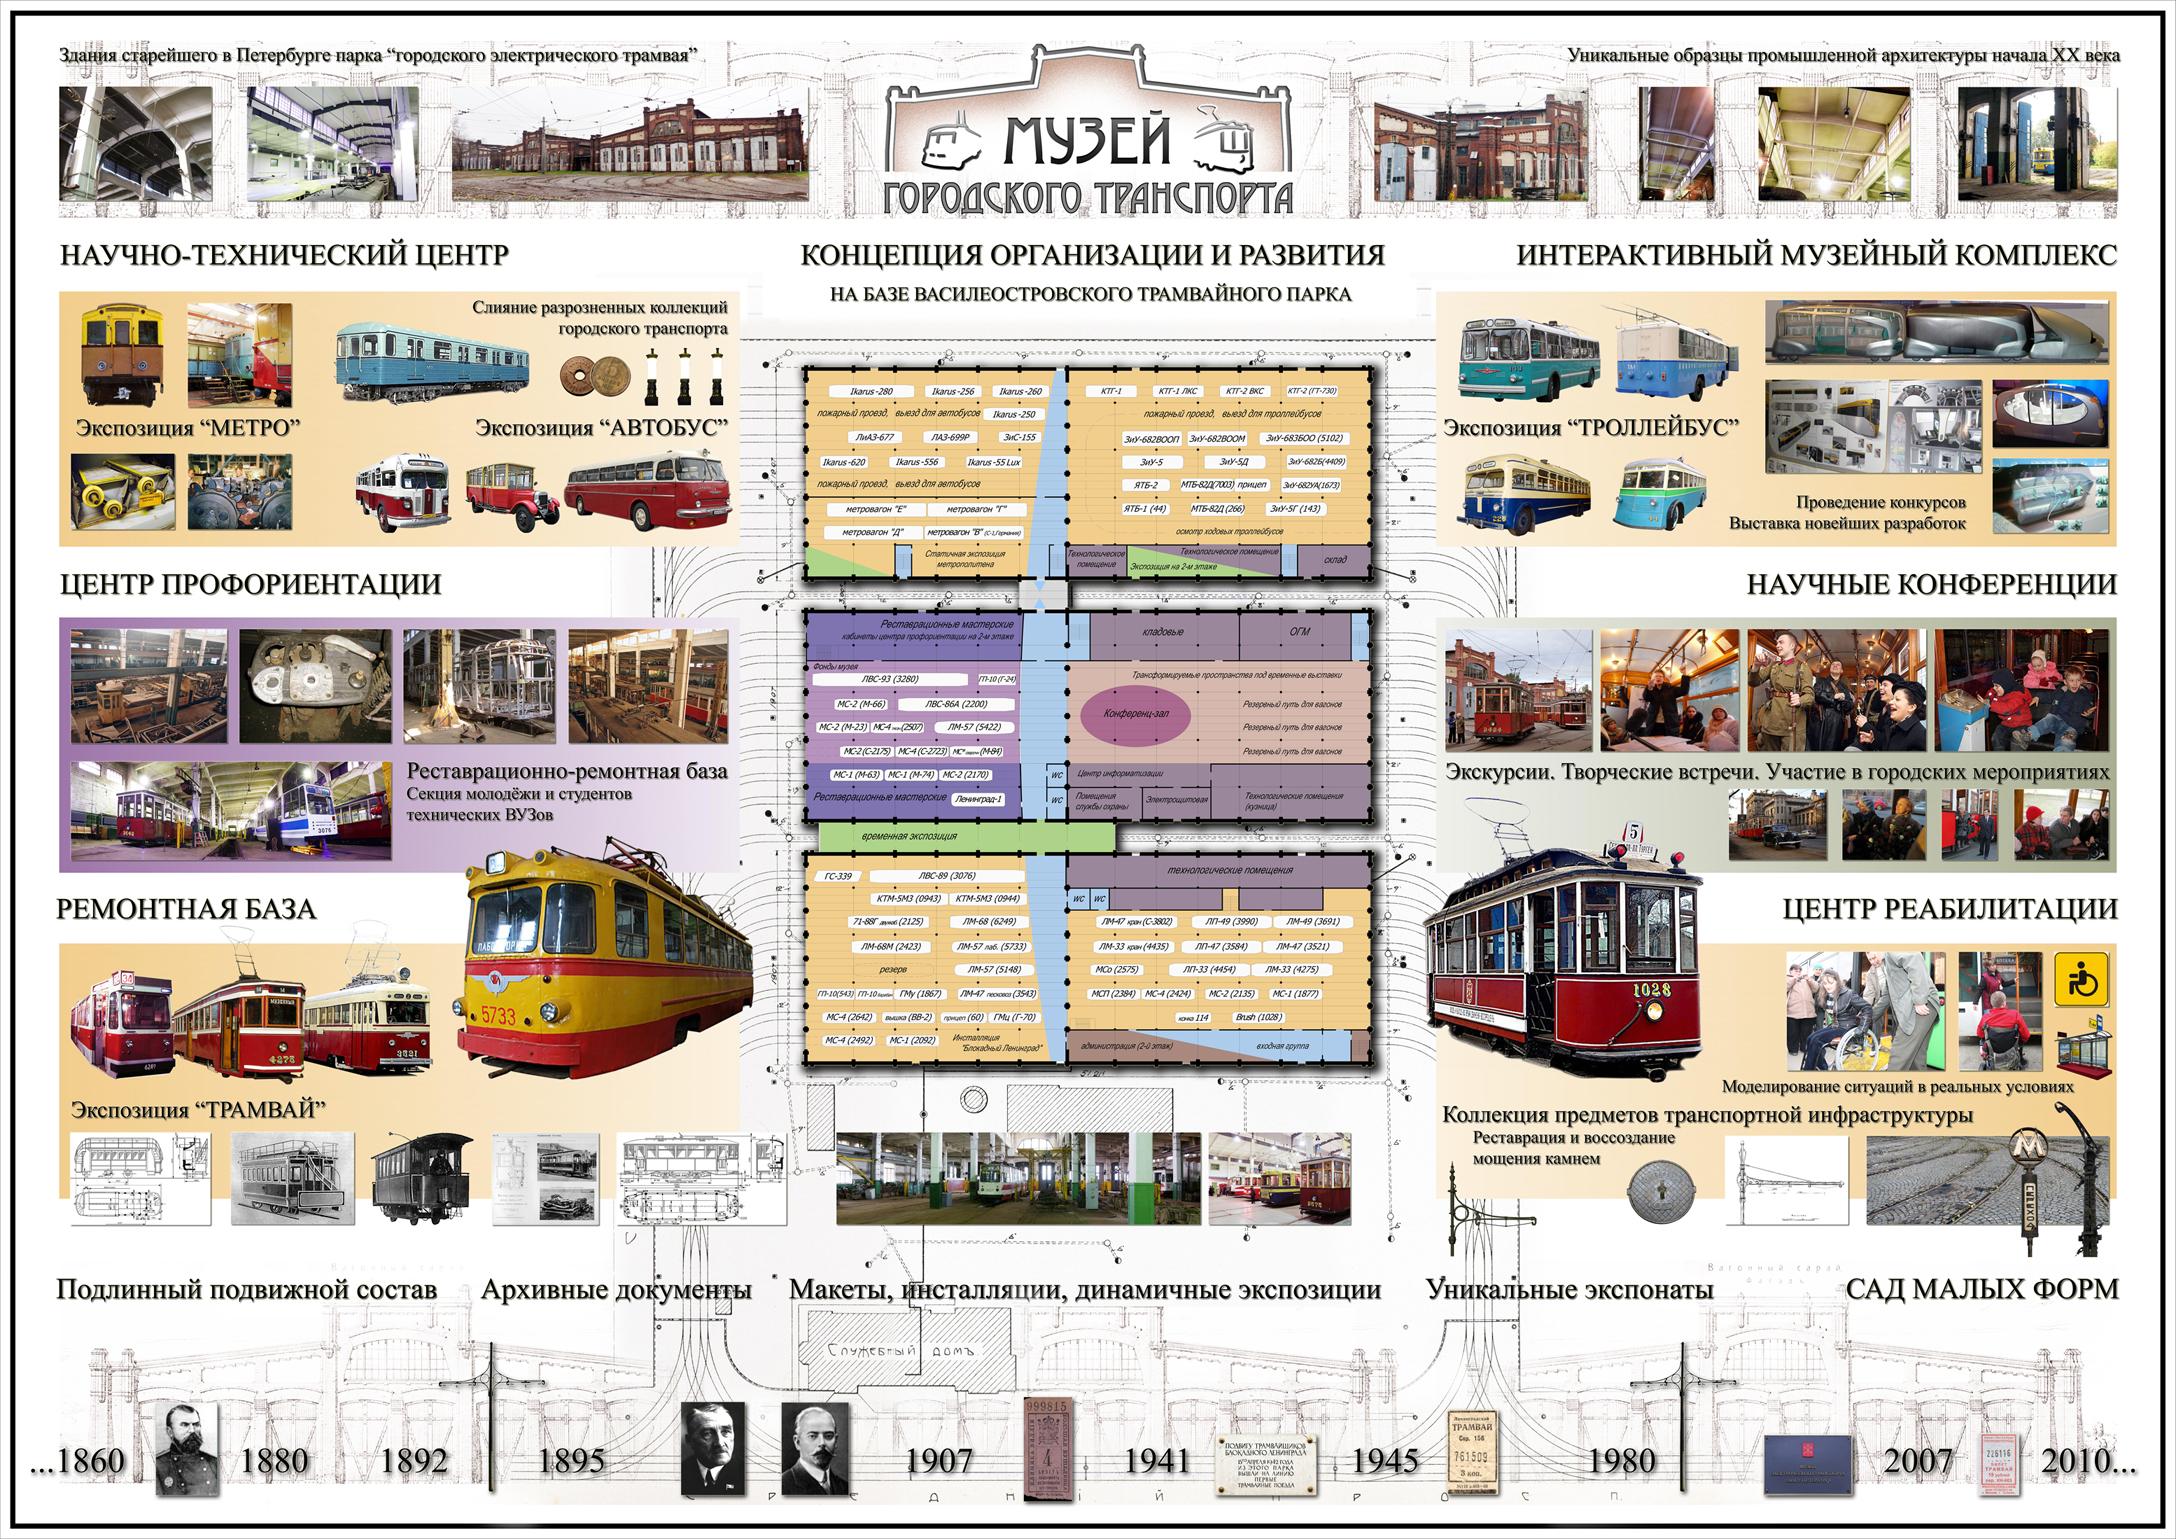 Концепция музея городского транспорта